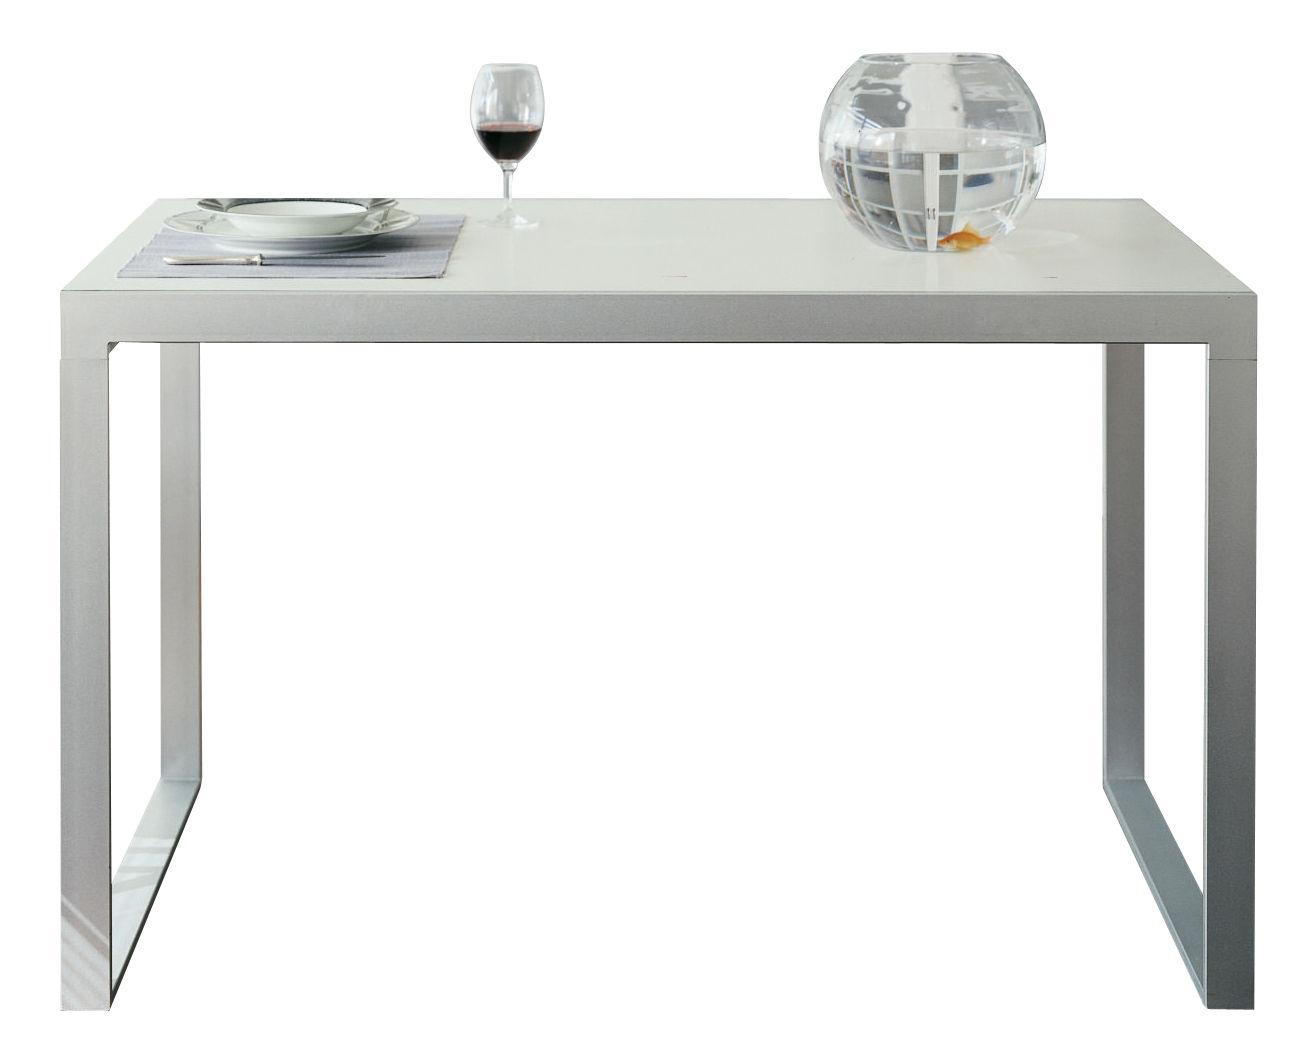 Maison et Objet - MINIMALISMO - Tavolo con prolunga Wow! Plus - L 140 / 220 cm di Horm - Bianco - Acciaio laccato, Laminato